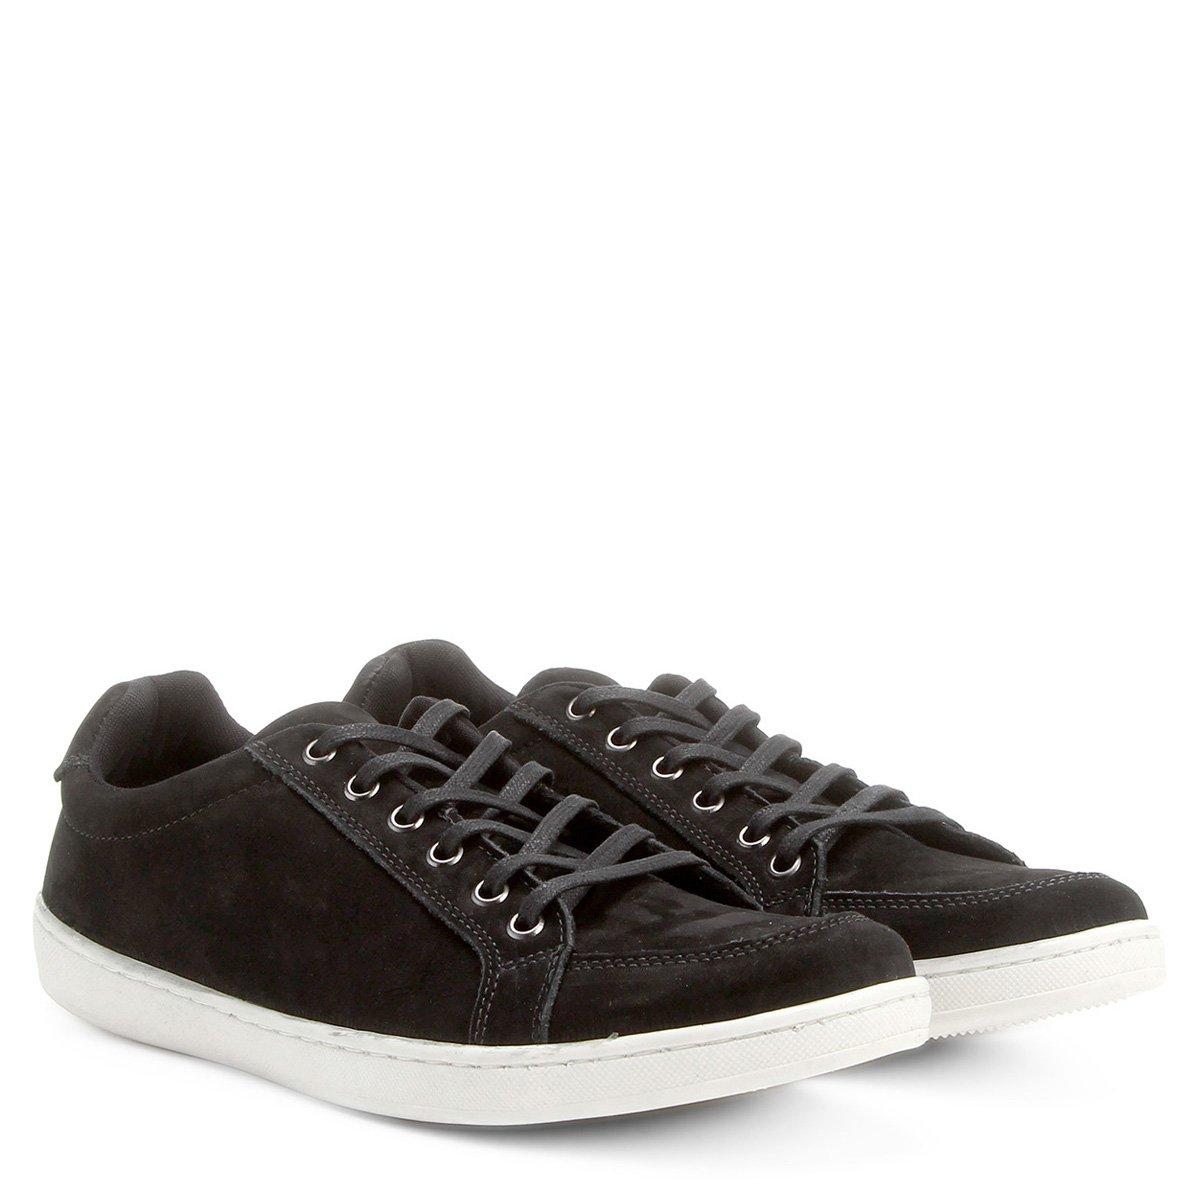 bf3b702d4dc Sapatênis Couro Shoestock Nobuck Masculino - Compre Agora